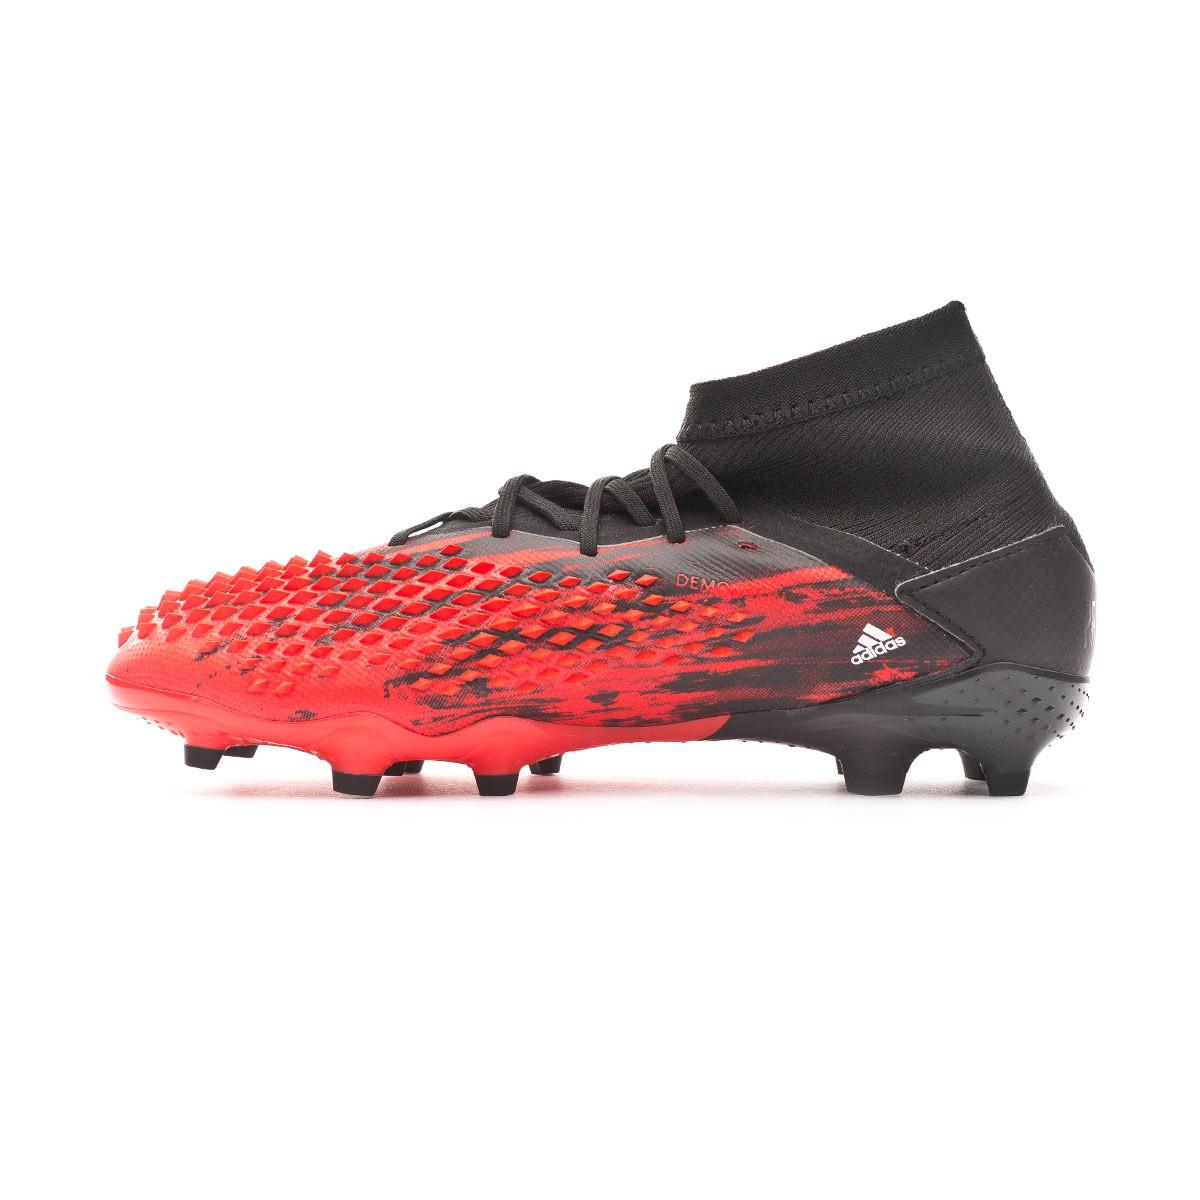 Chaussure de foot adidas Predator 20.1 FG Enfant